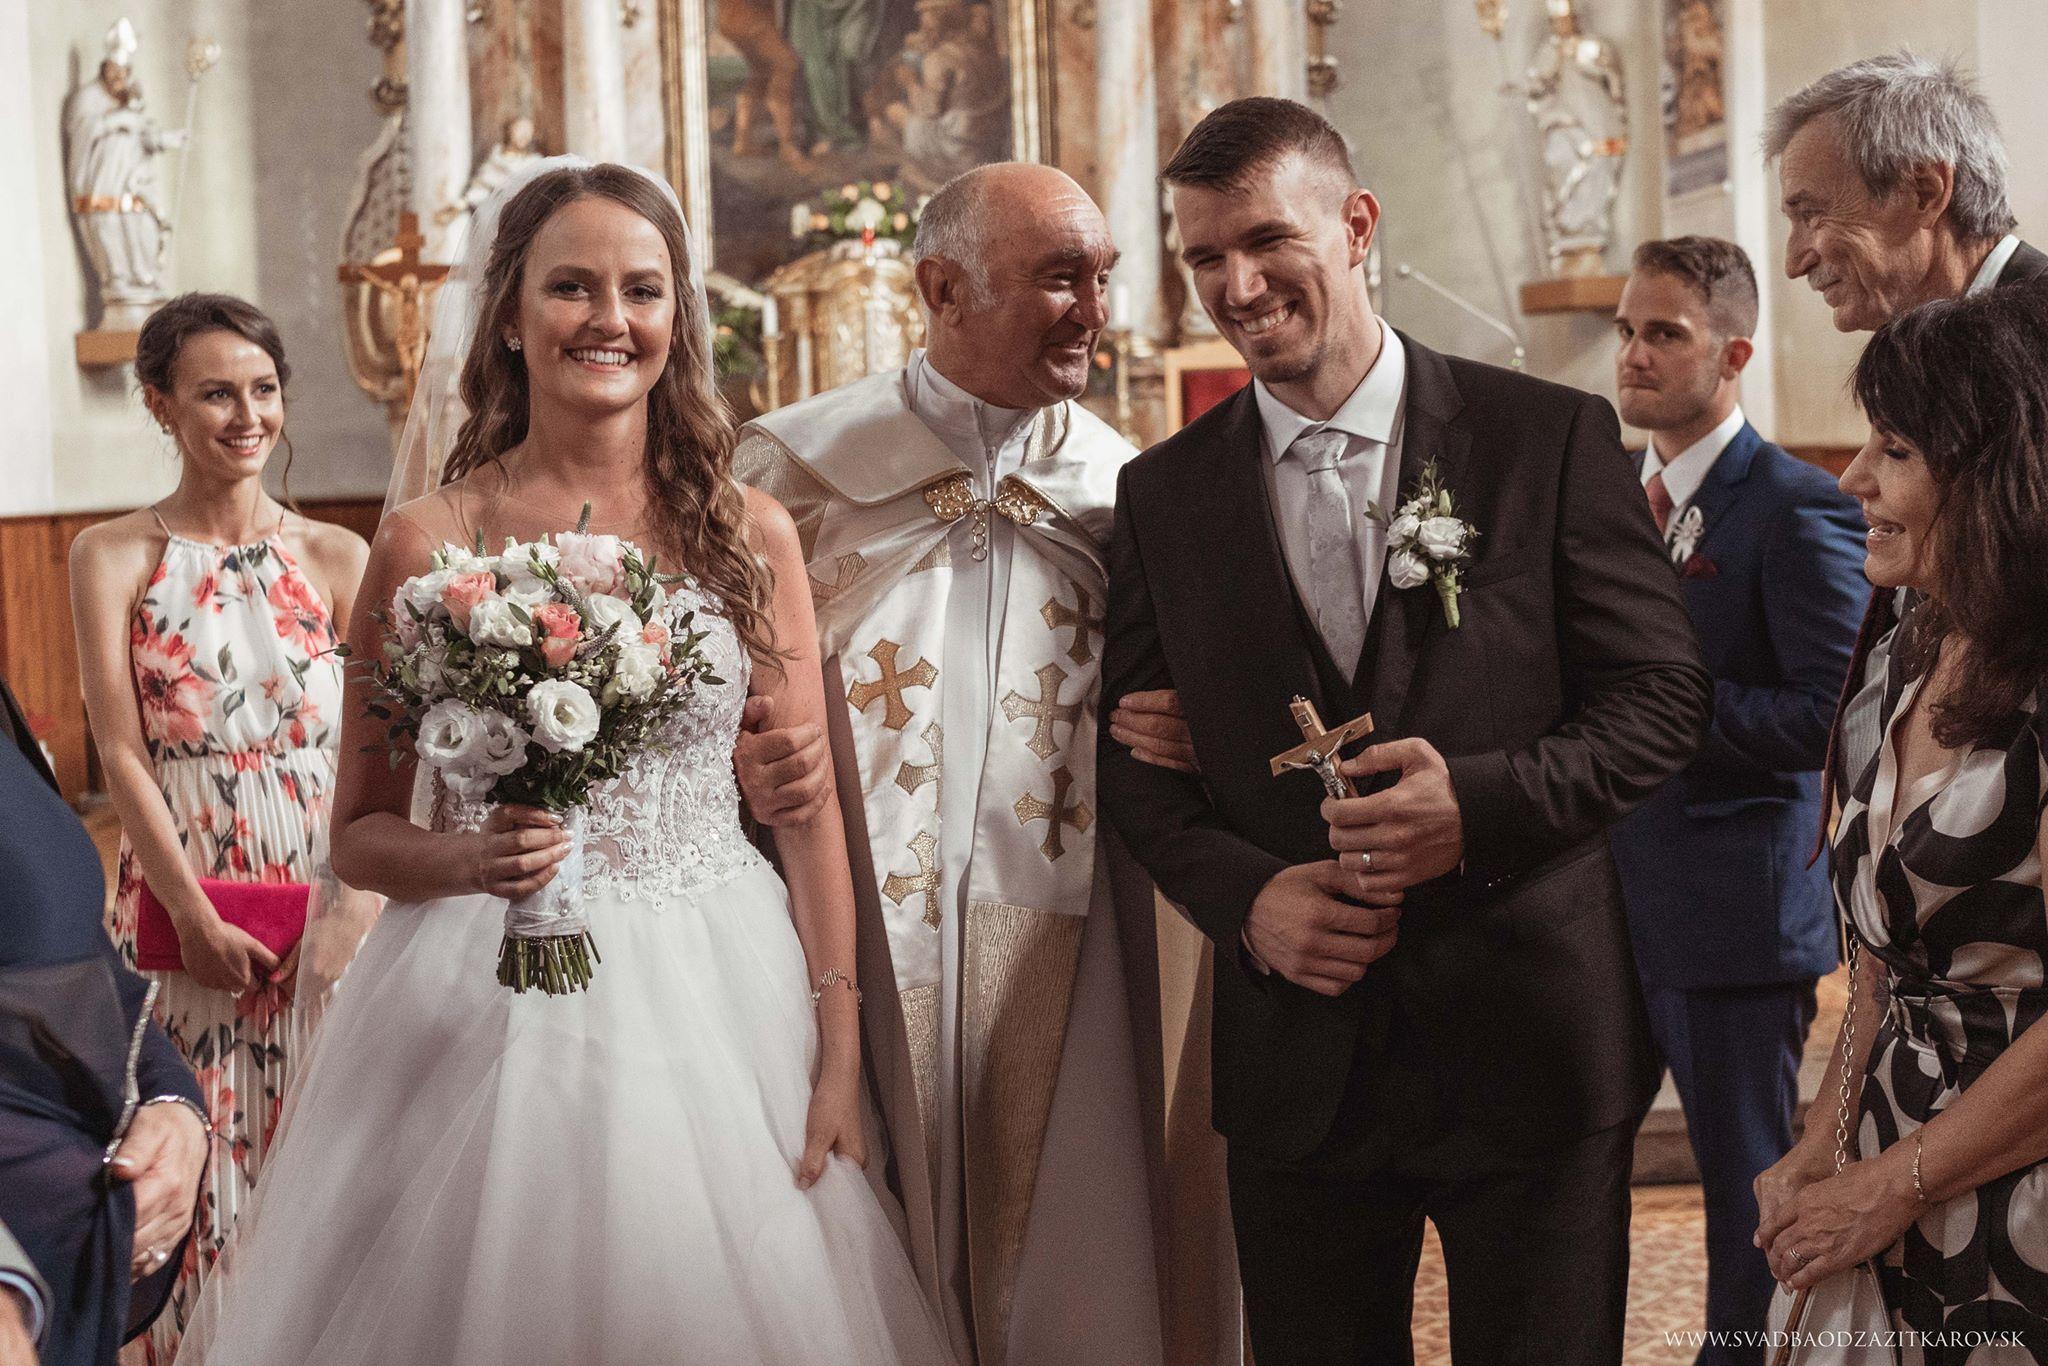 svadba-kosto-cadcajpg